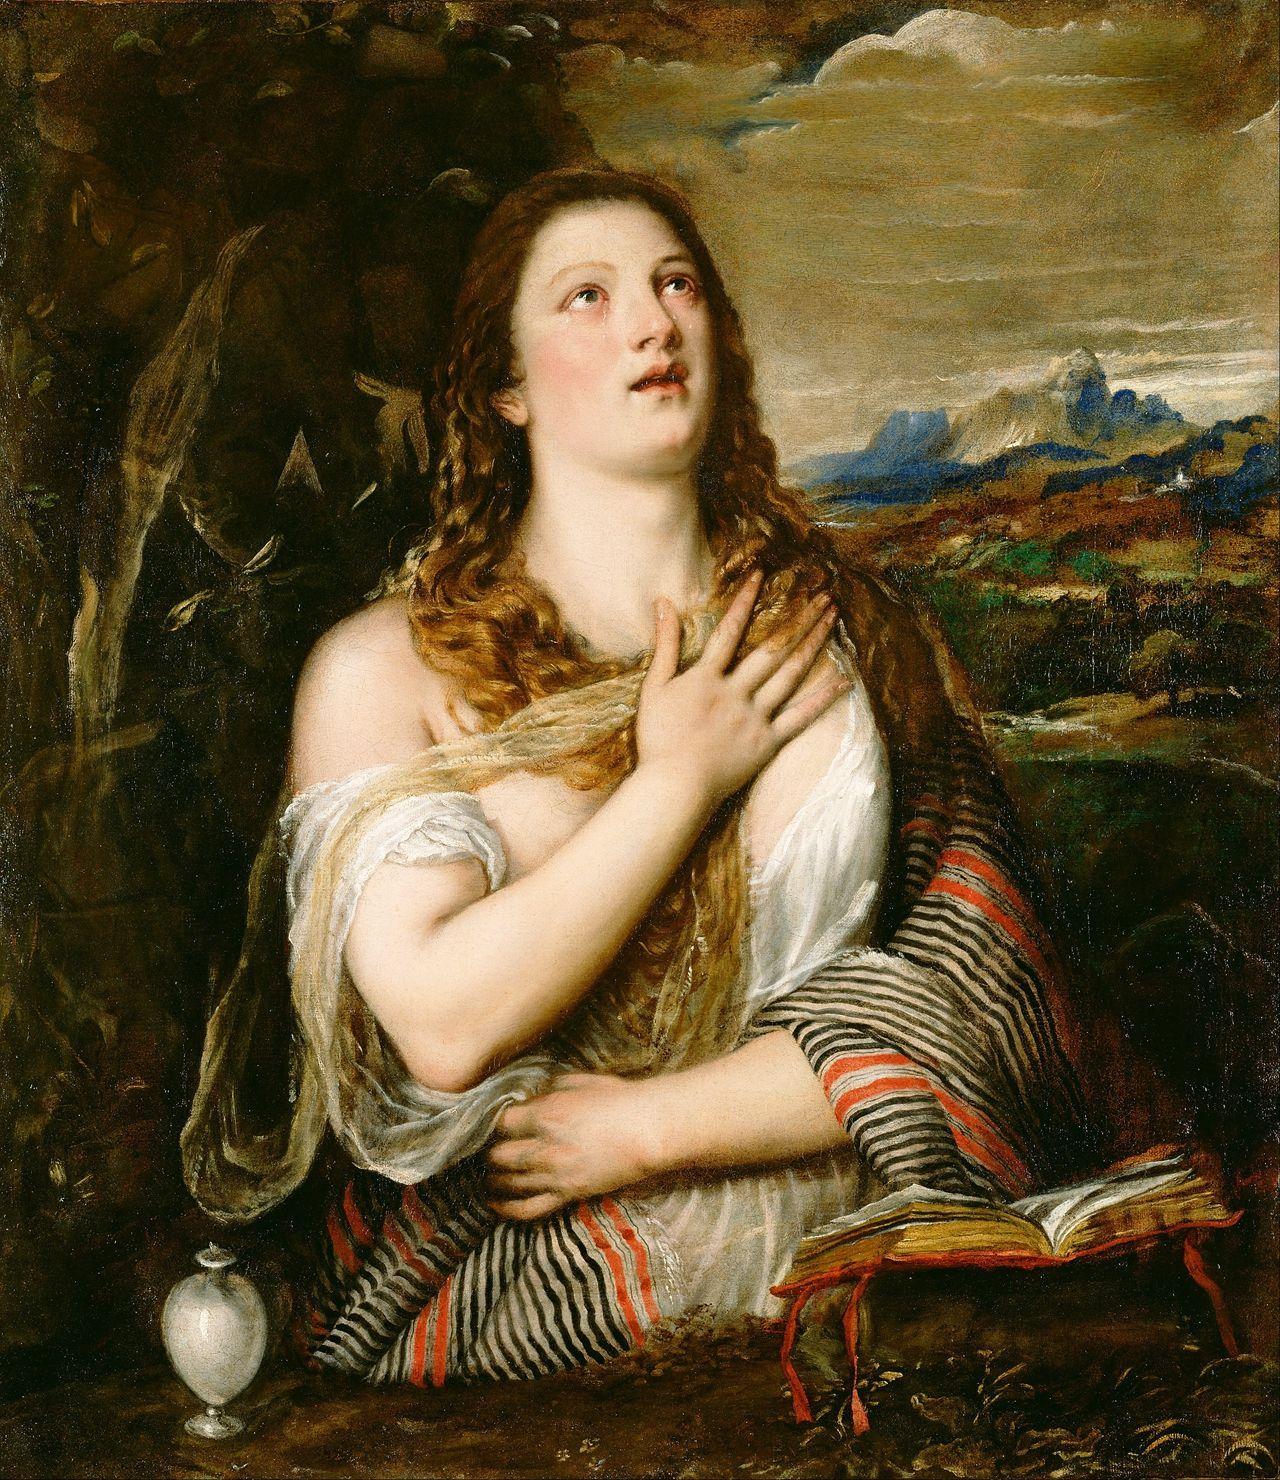 论西方现代油画构图的装饰美,世界名画赏析,世界油画中的绝世美女